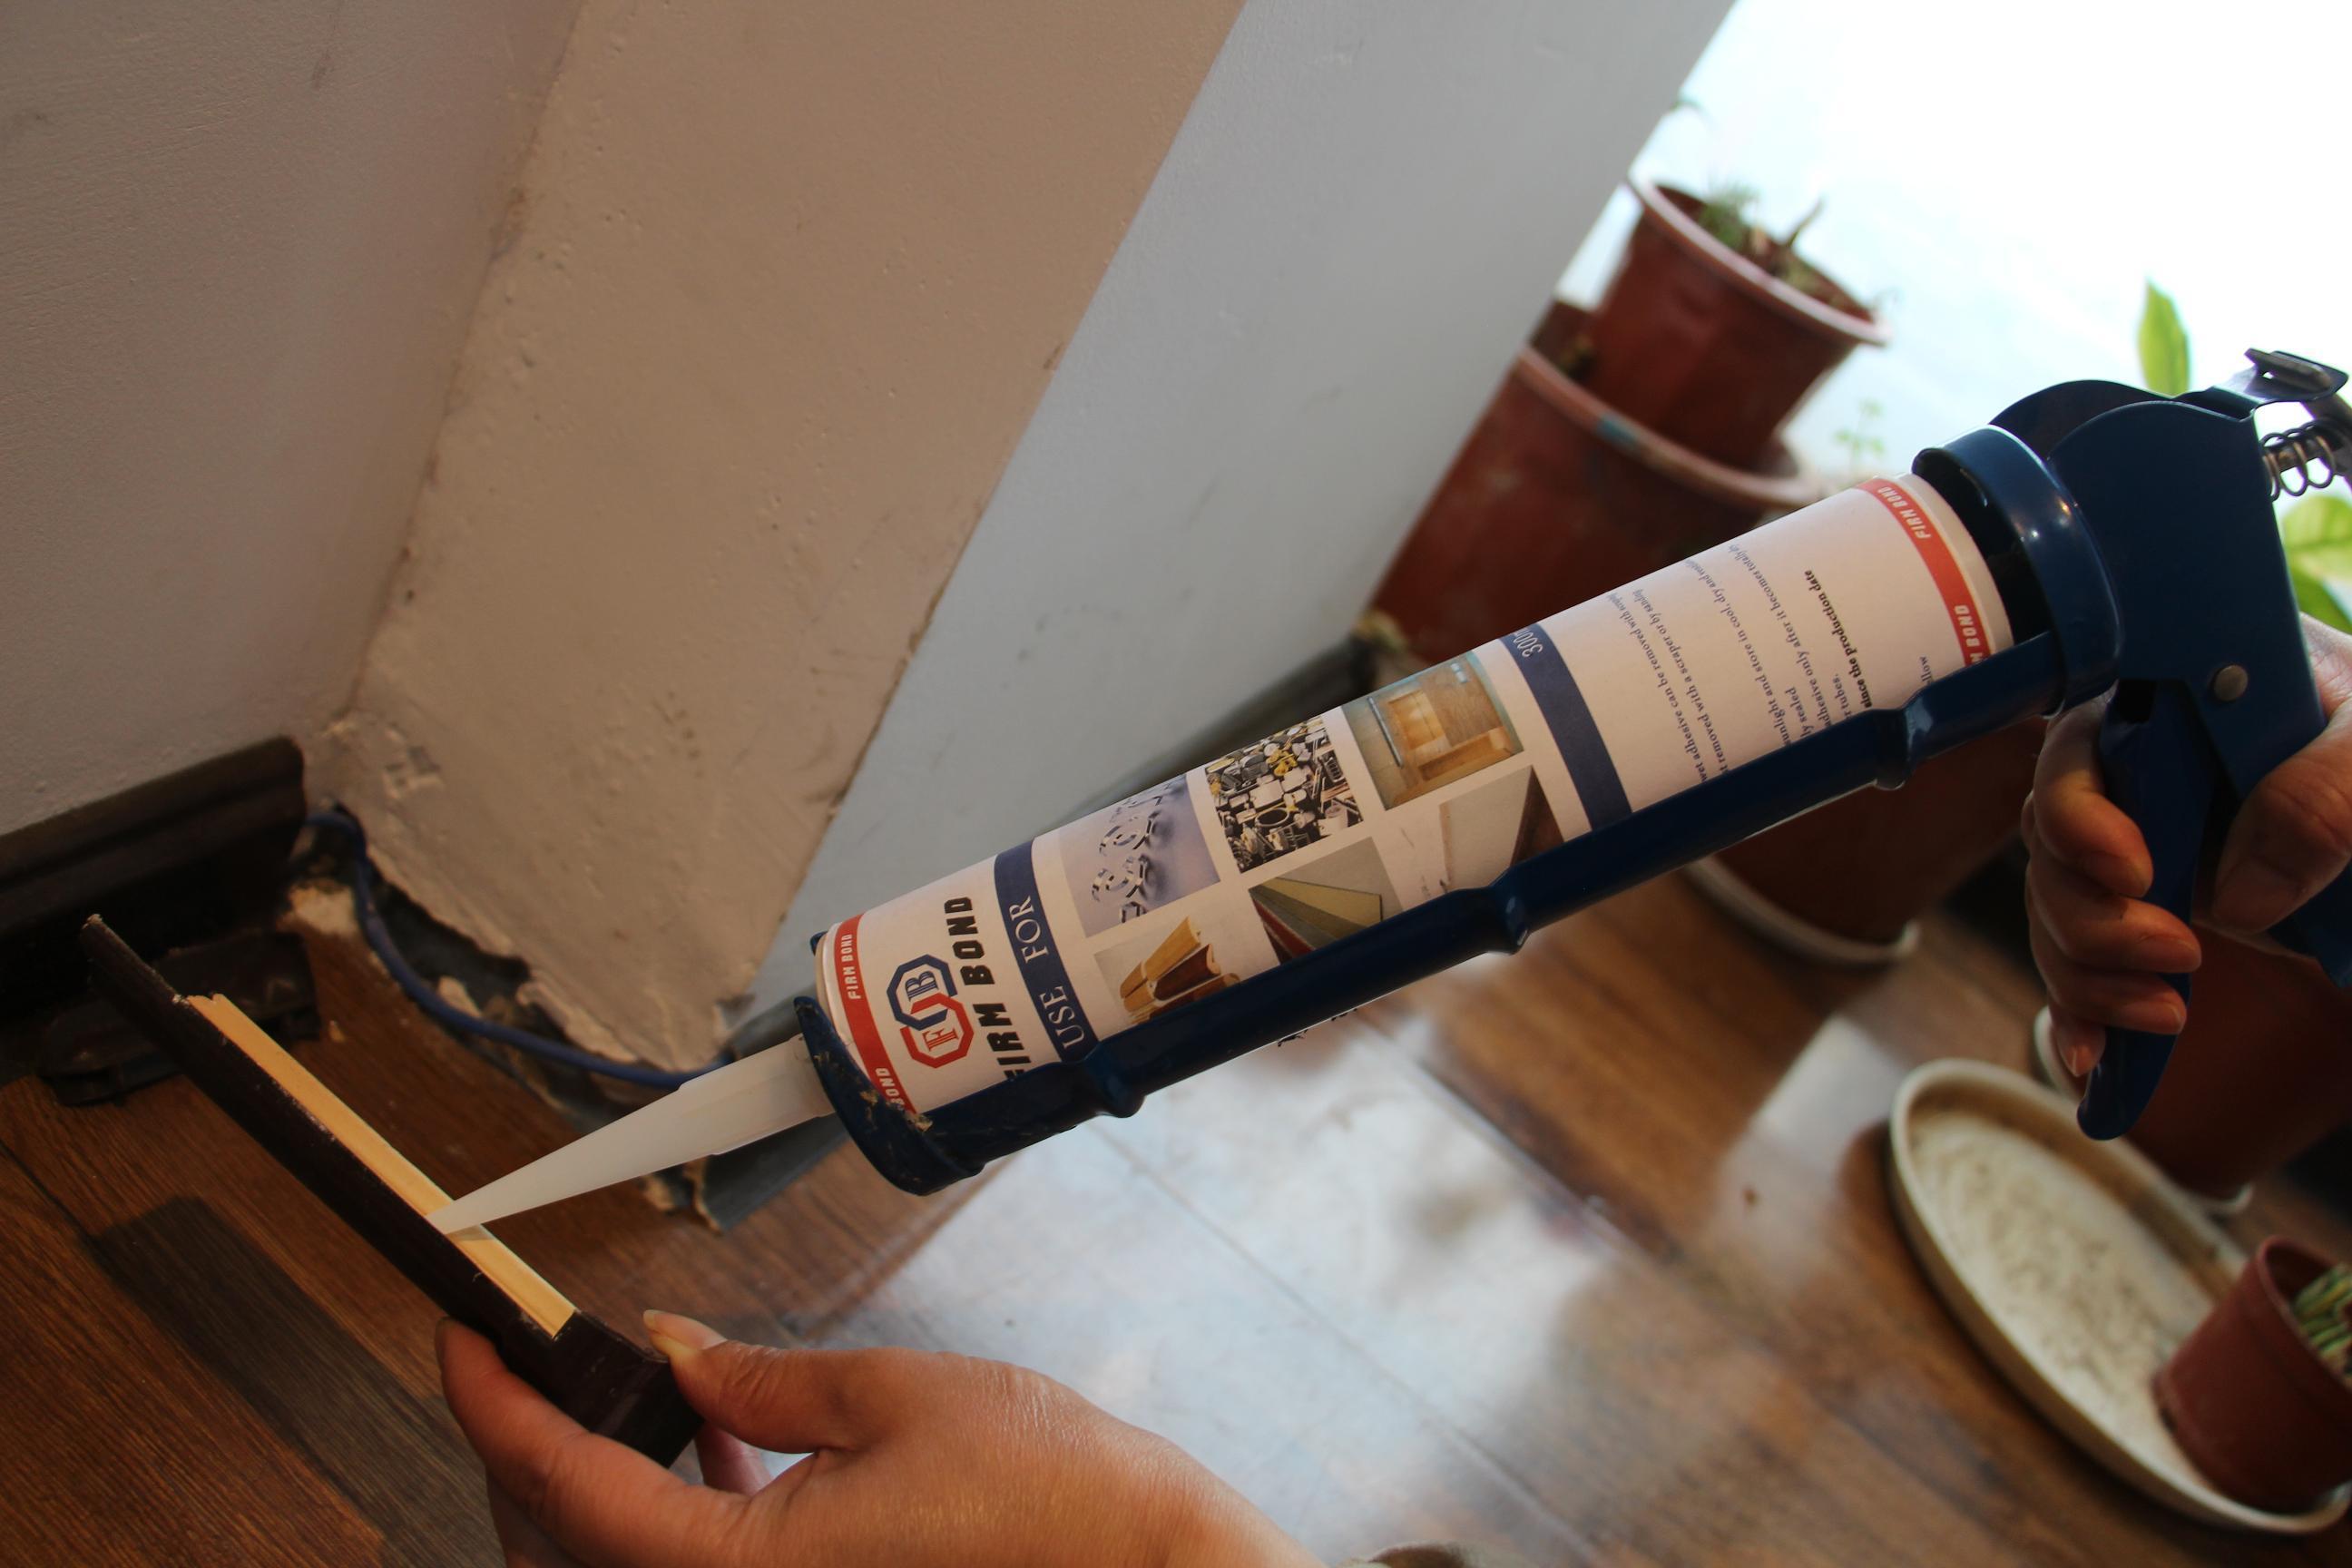 Nail-Free Adhesive